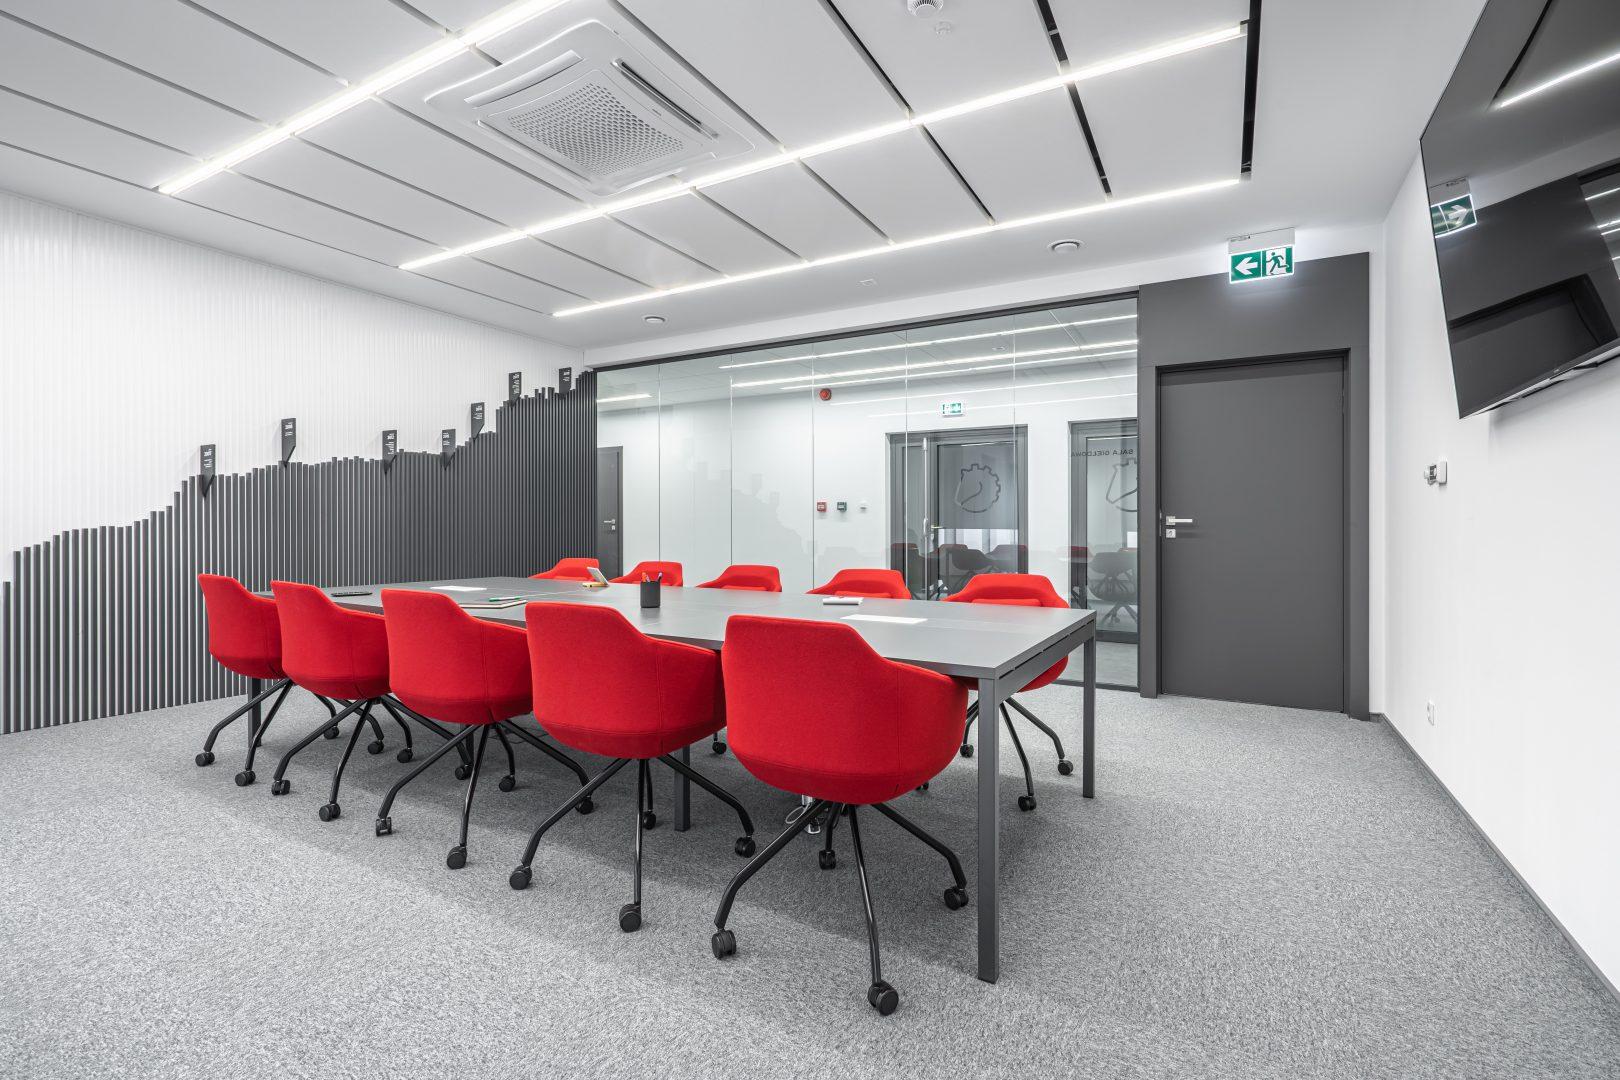 mobilier pentru zonele de conferinta